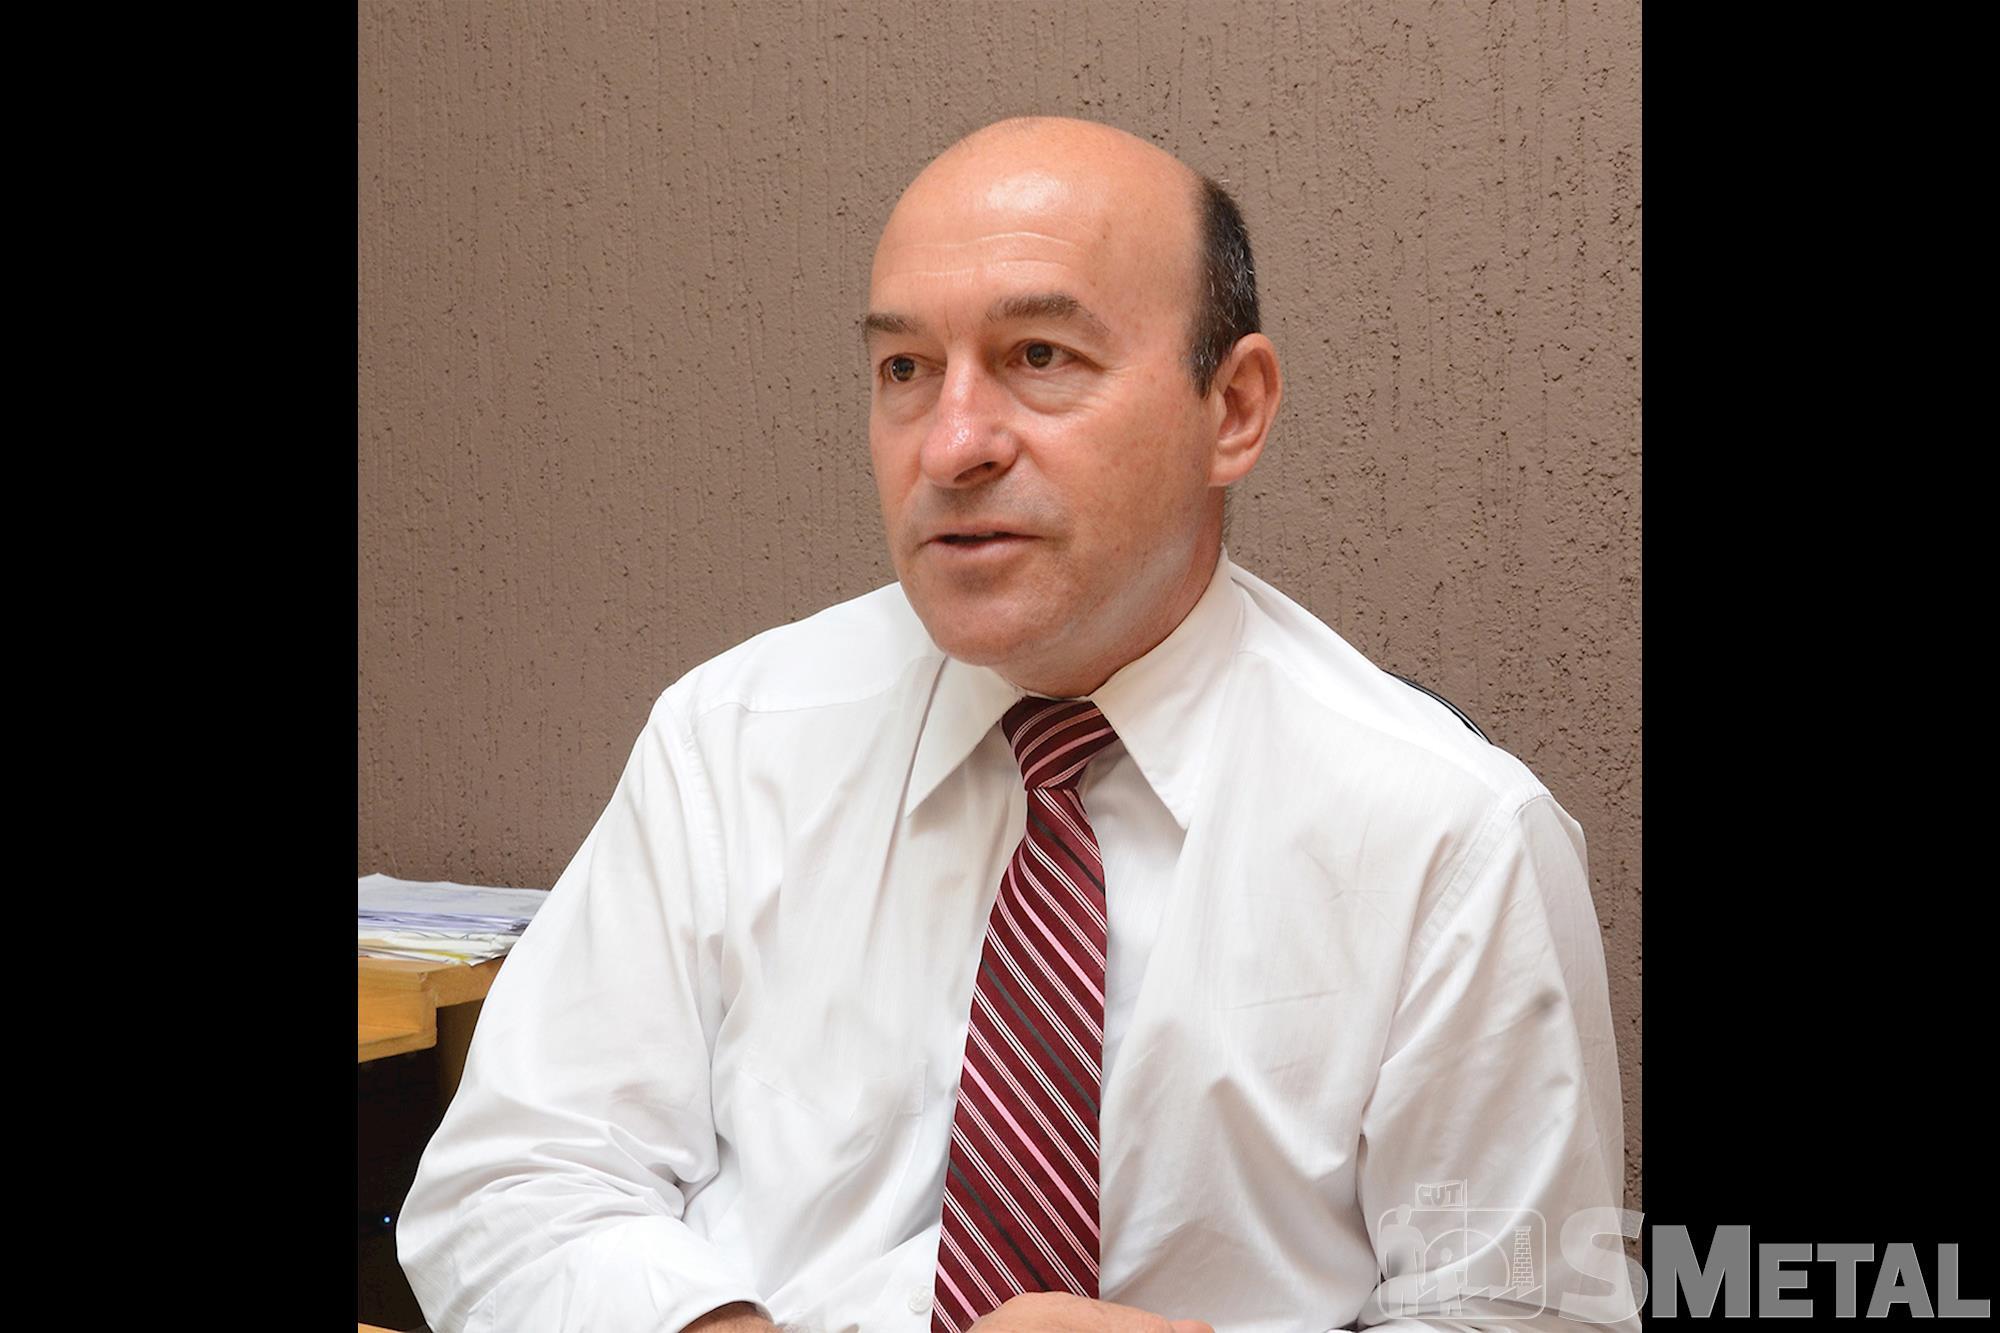 Advogado Claudinei Marchioli,  pós-graduado em Direito Constitucional, Conhecimento qualificado é a base da democracia